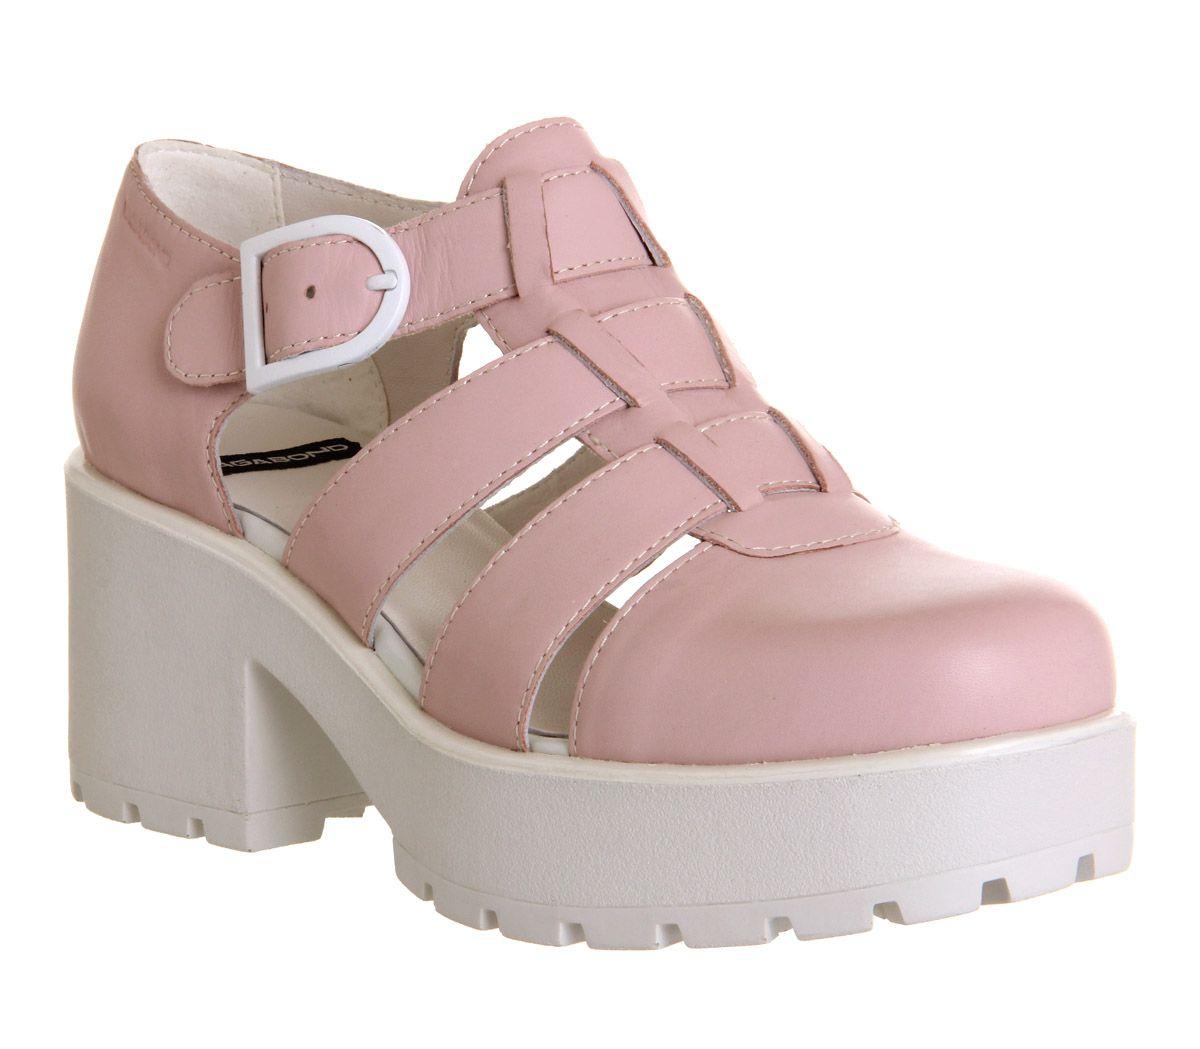 Black vagabond sandals - Vagabond Dioon Closed Toe Sandal Milkshake Pink Leather Mid Heels